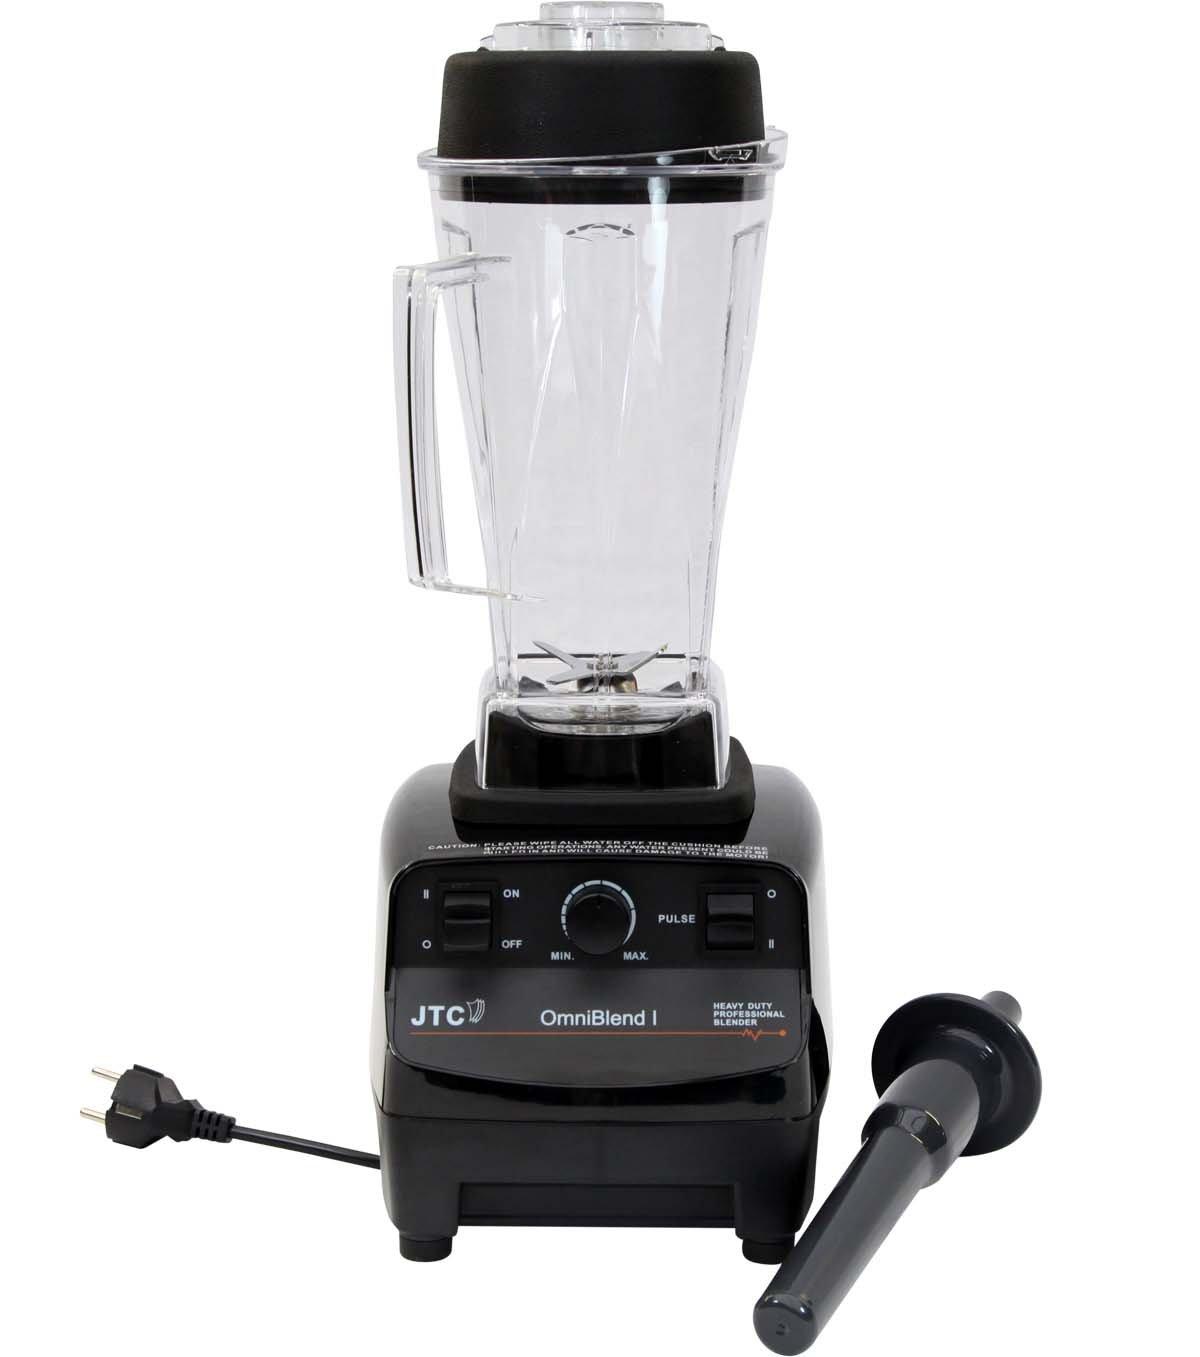 JTC Omni Blend I batidora tm767 Negro 2,0 L de depósito sin BPA ...